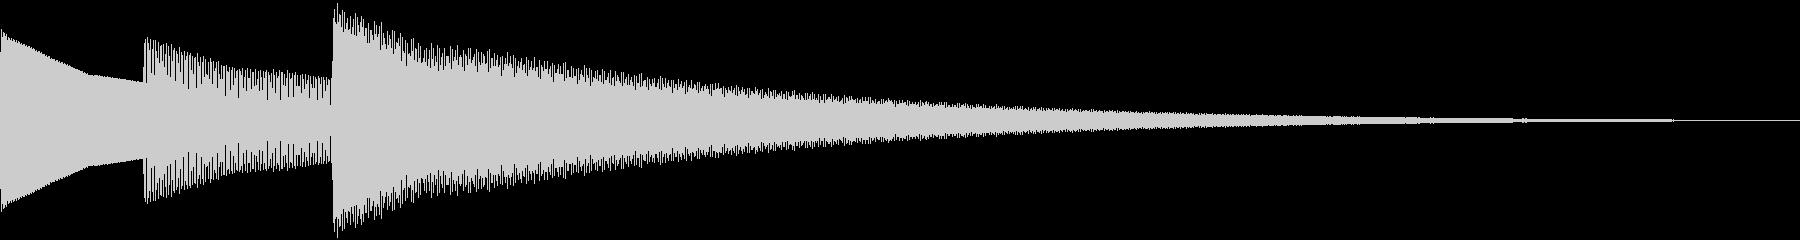 アイテム入手など ピロリーンの未再生の波形